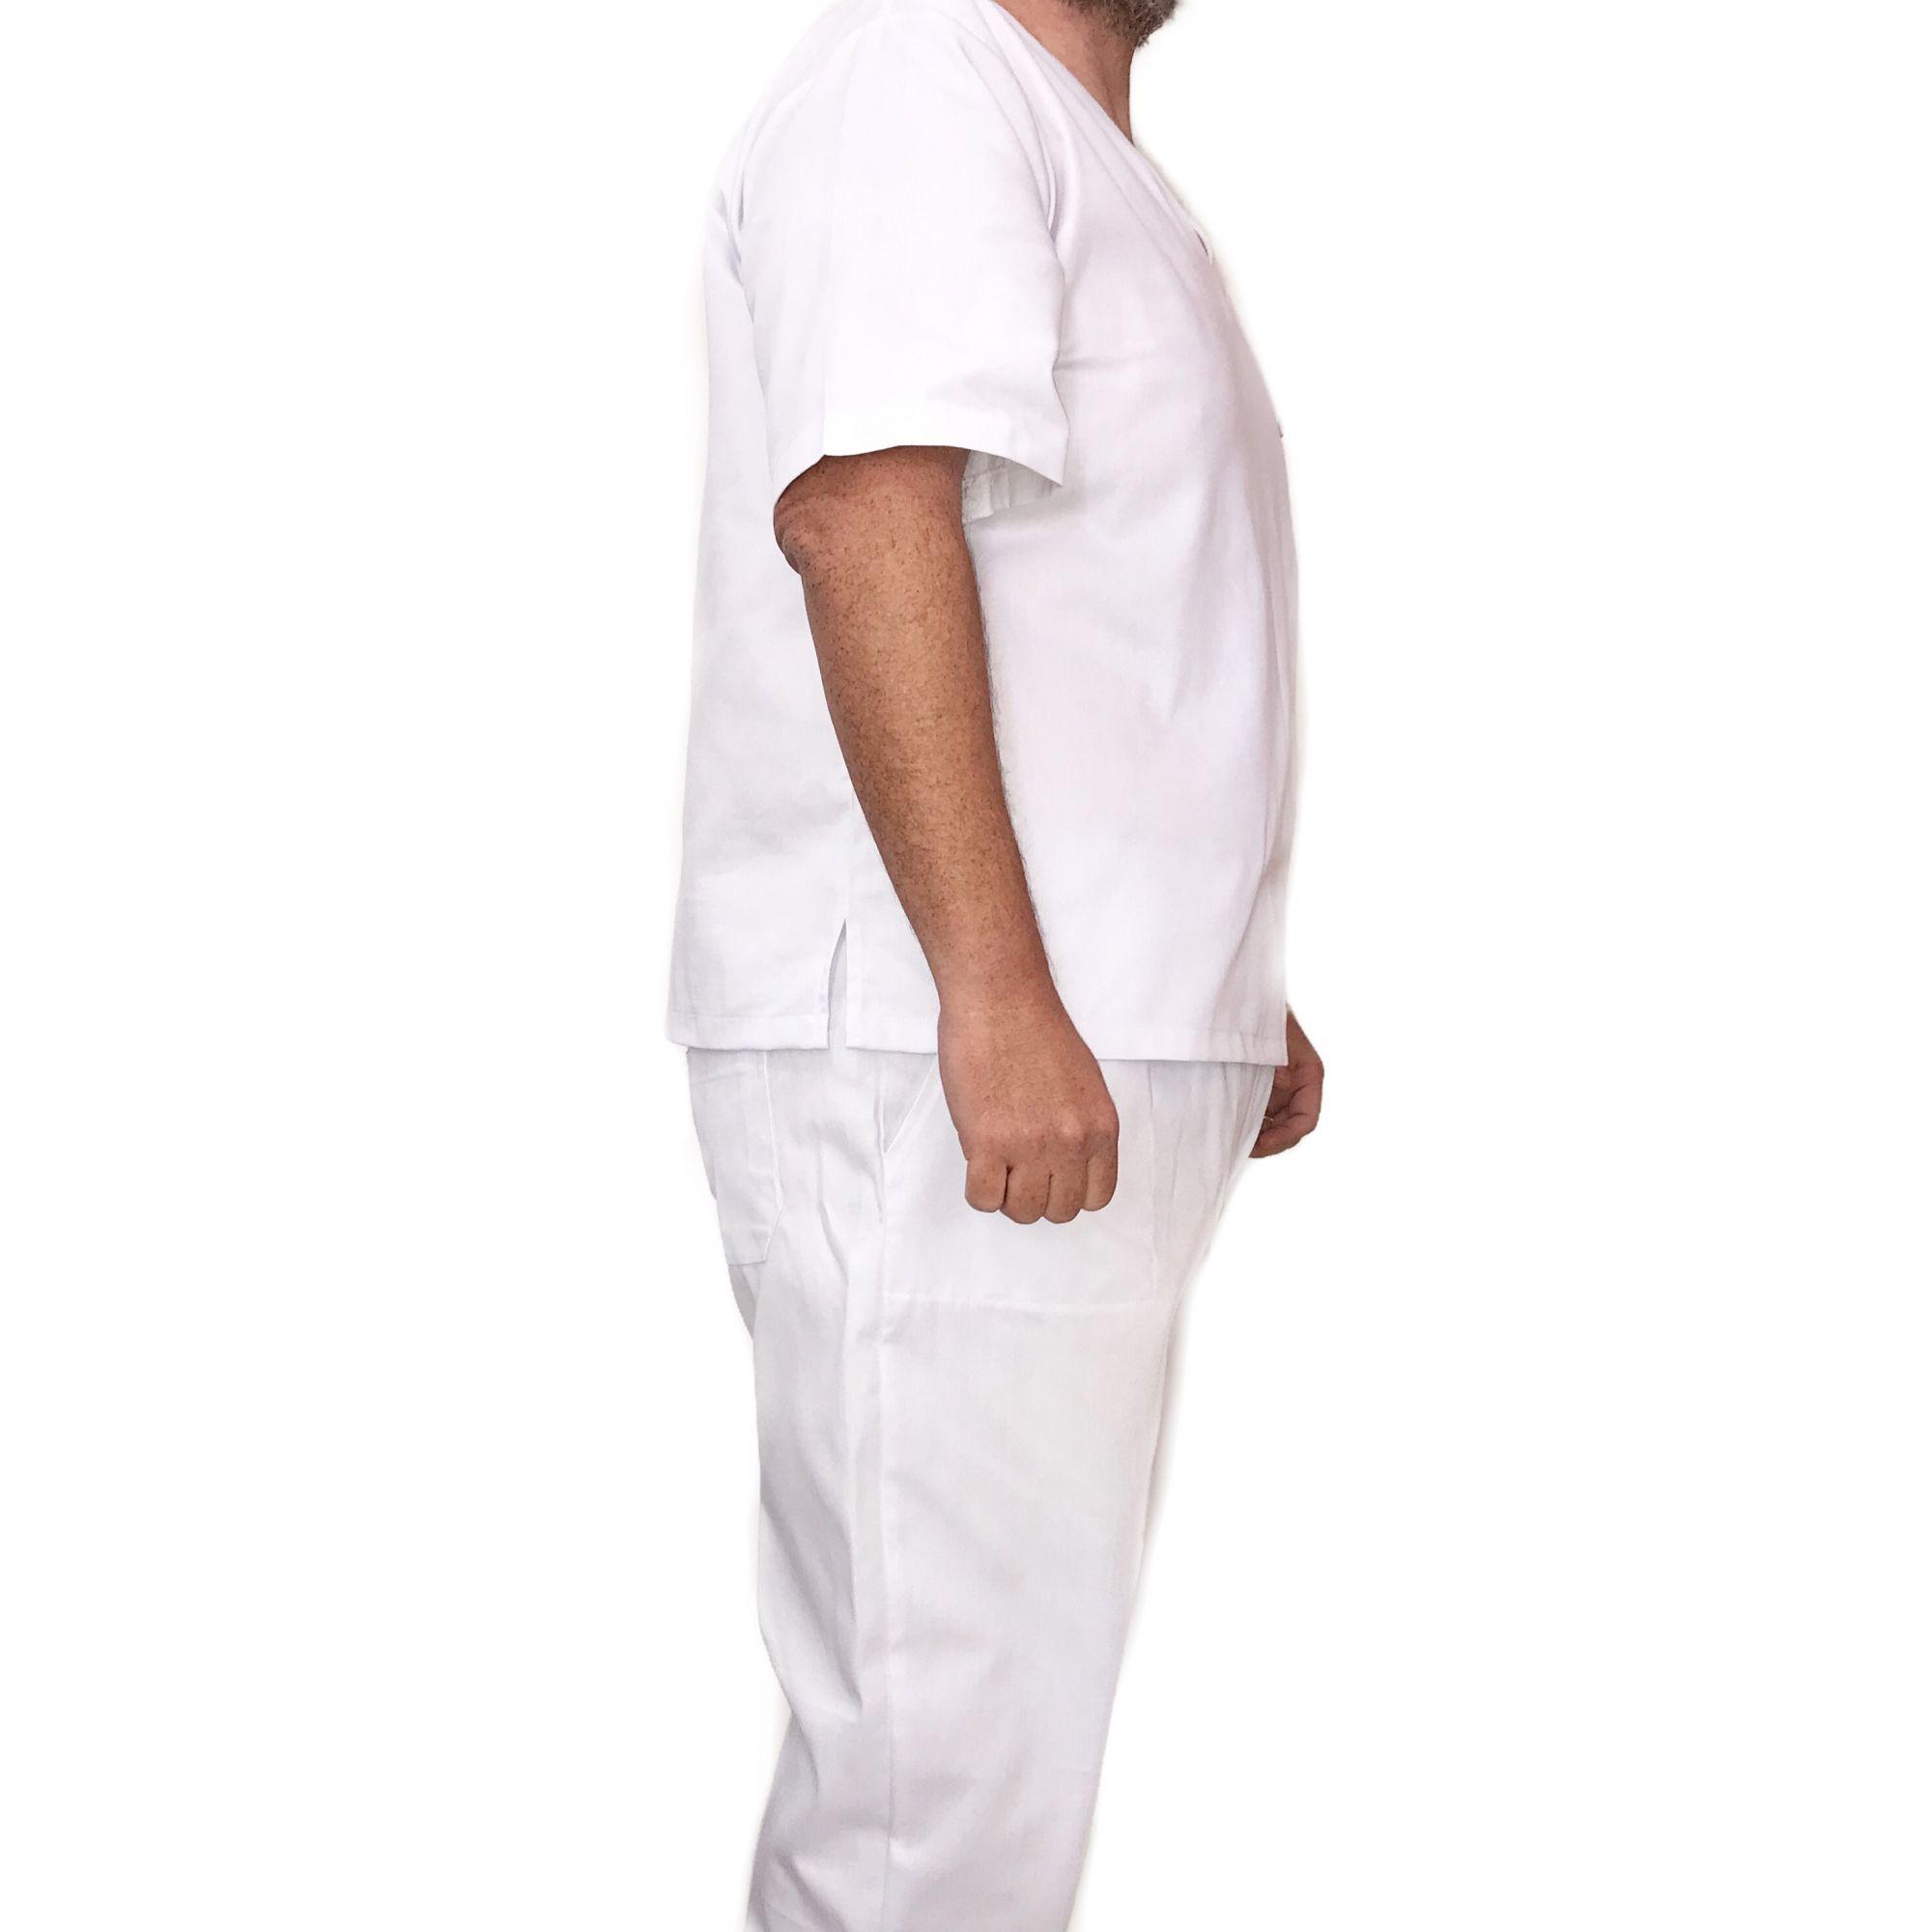 Conjunto Pijama Cirúrgico BRANCO Masculino PLUS SIZE  Camisa e Calça com Cordão Tecido 100% algodão